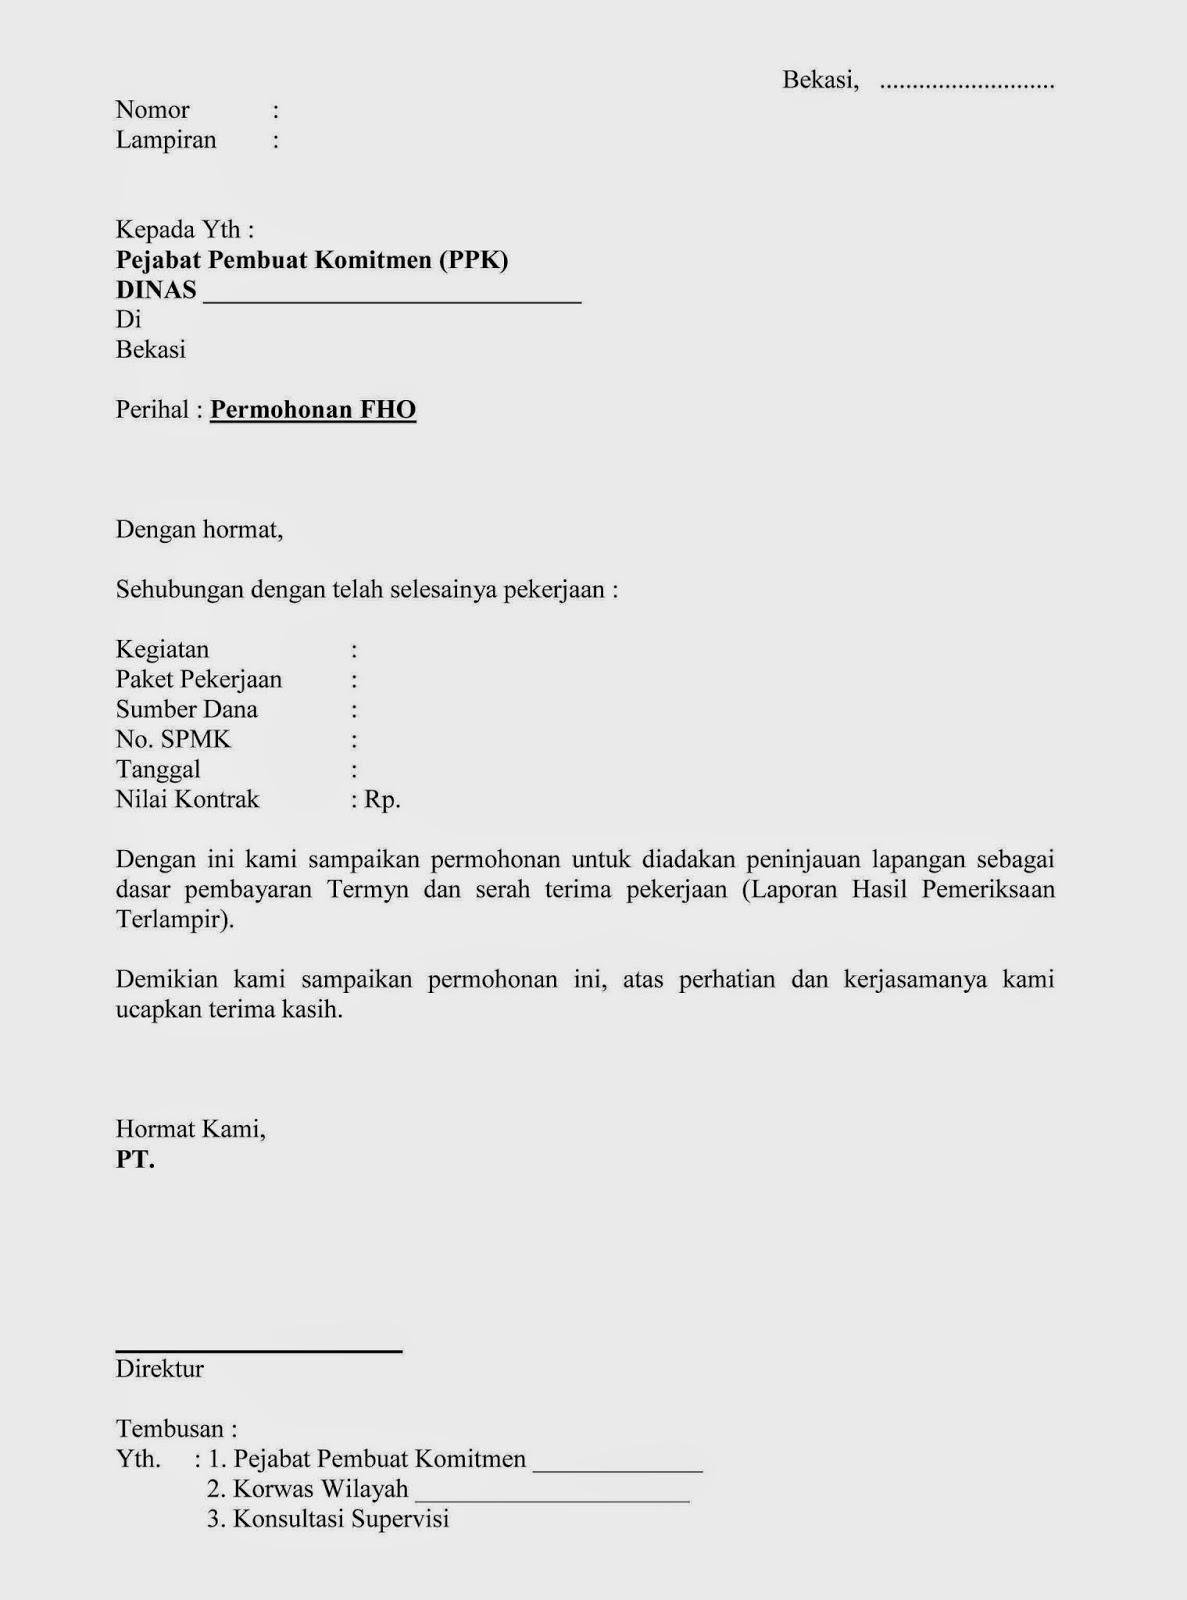 Contoh Surat Permohonan Fho Peninjauan Lapangan Wisanggeni